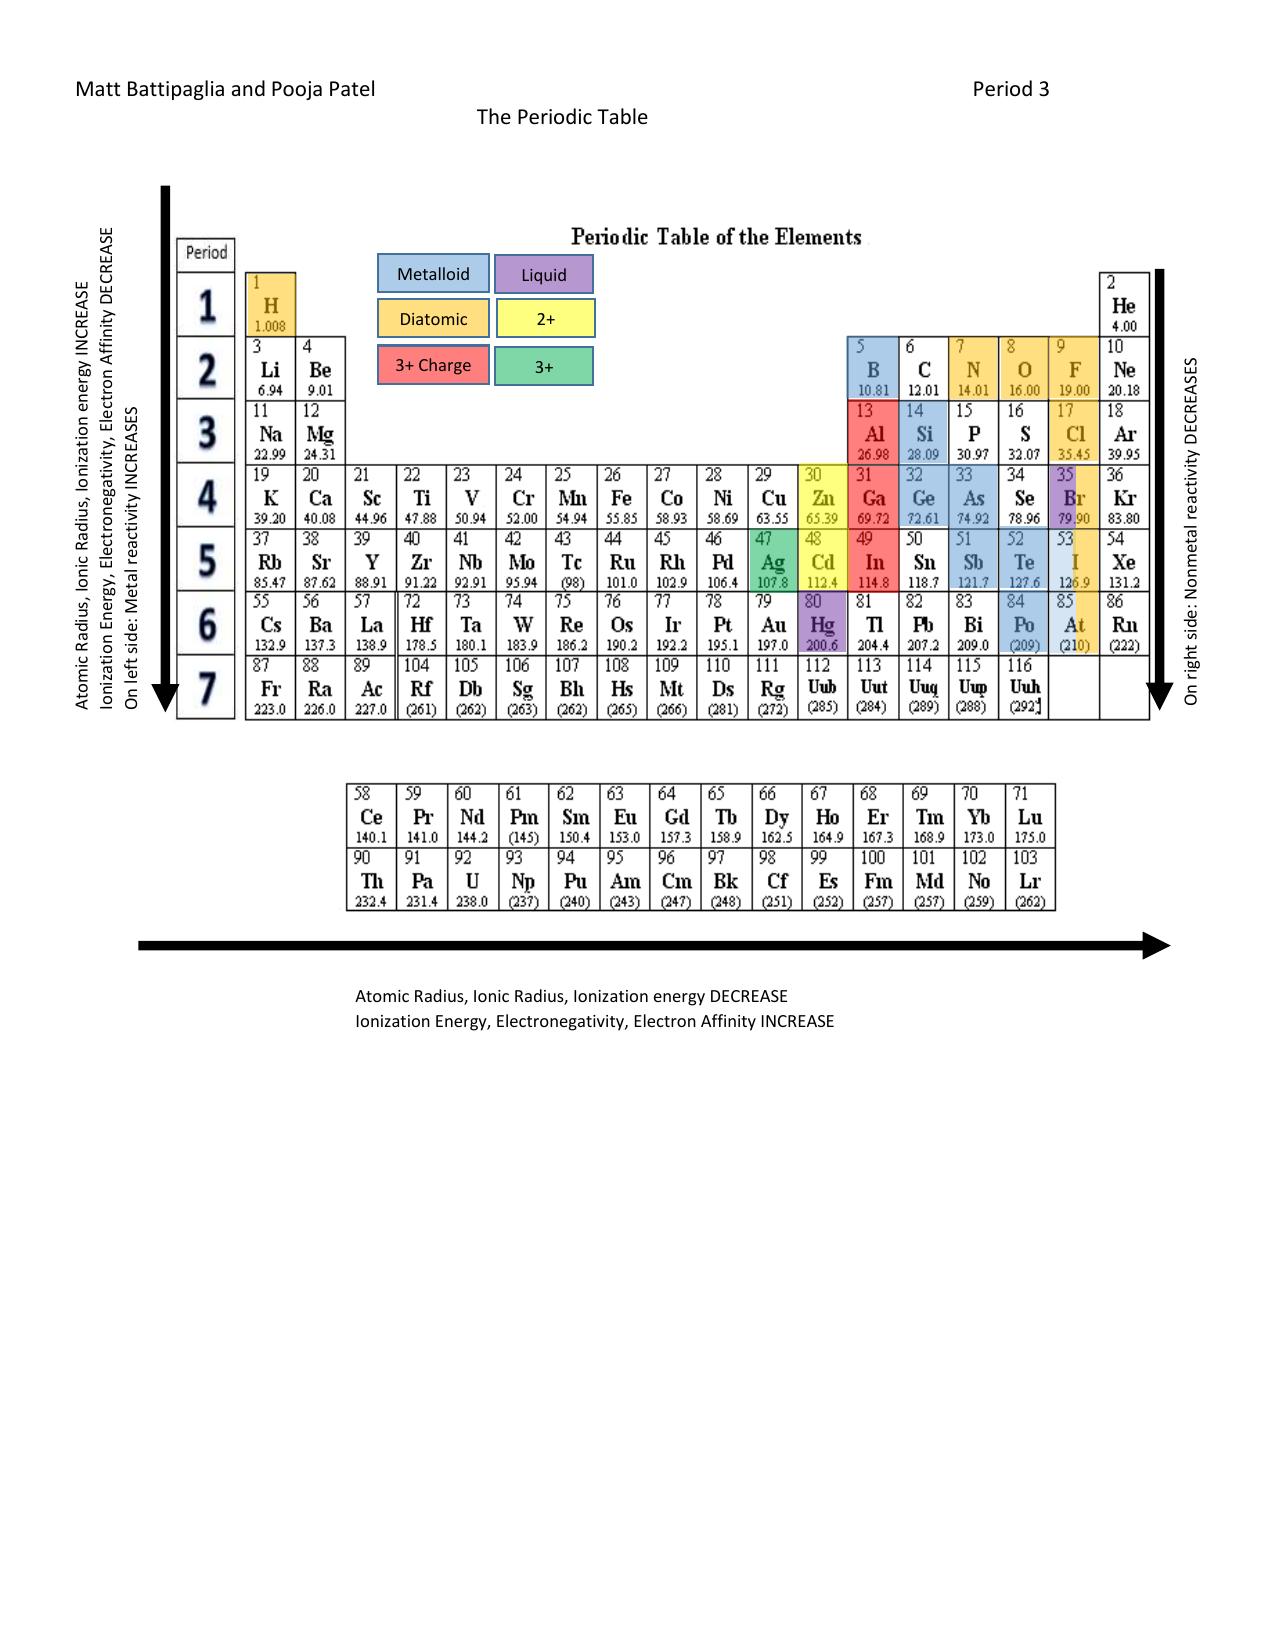 Matt Battipaglia And Pooja Patel Period 3 The Periodic Table